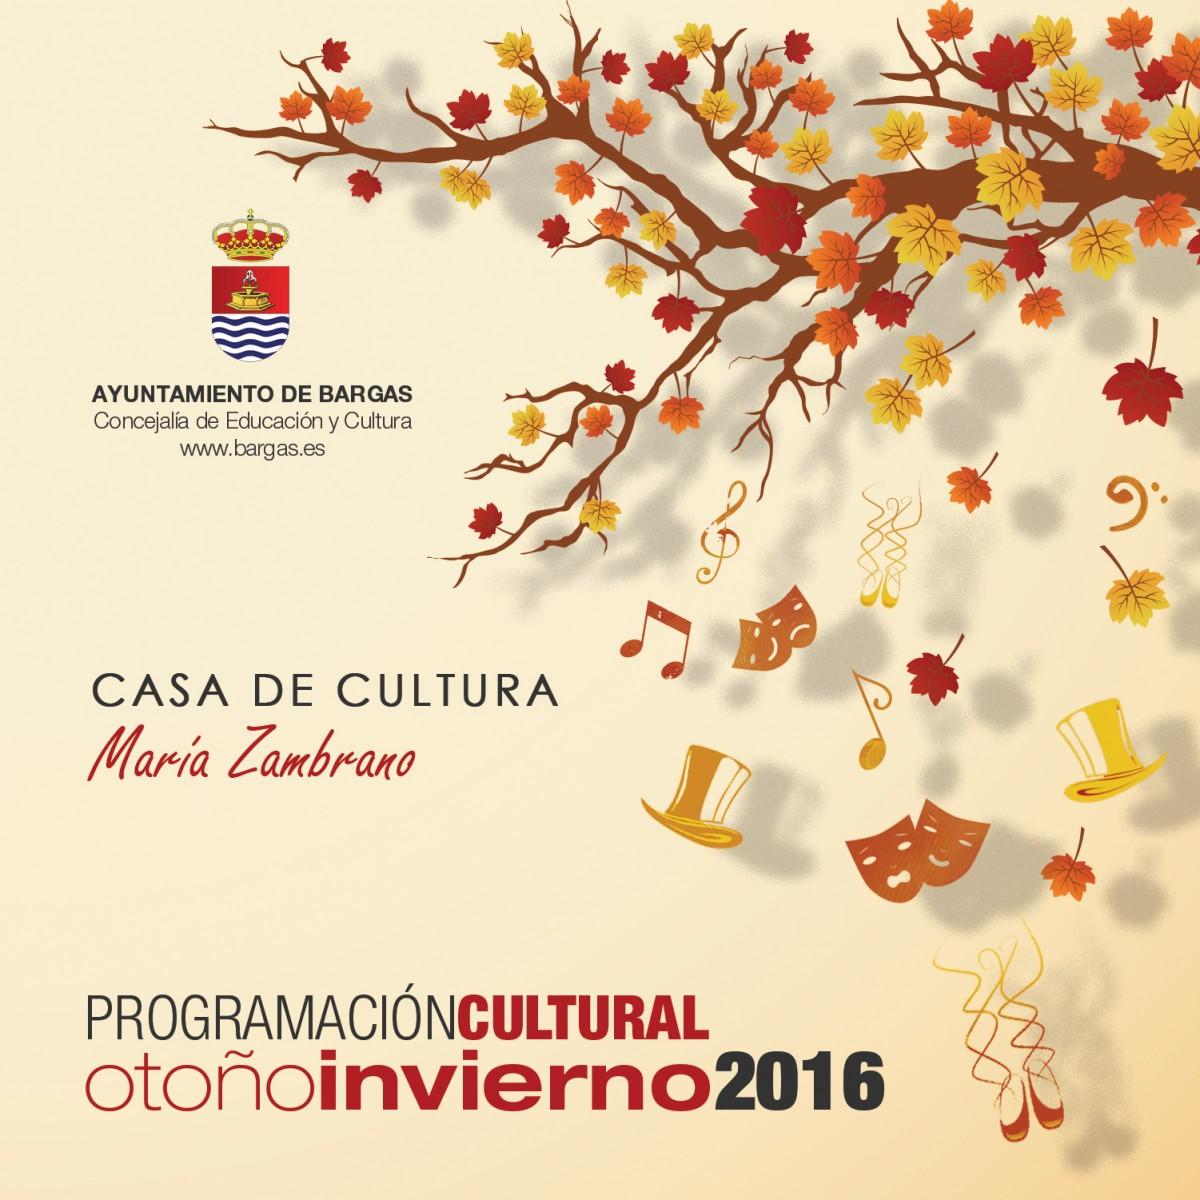 Programación Cultural Otoño-Invierno 2016